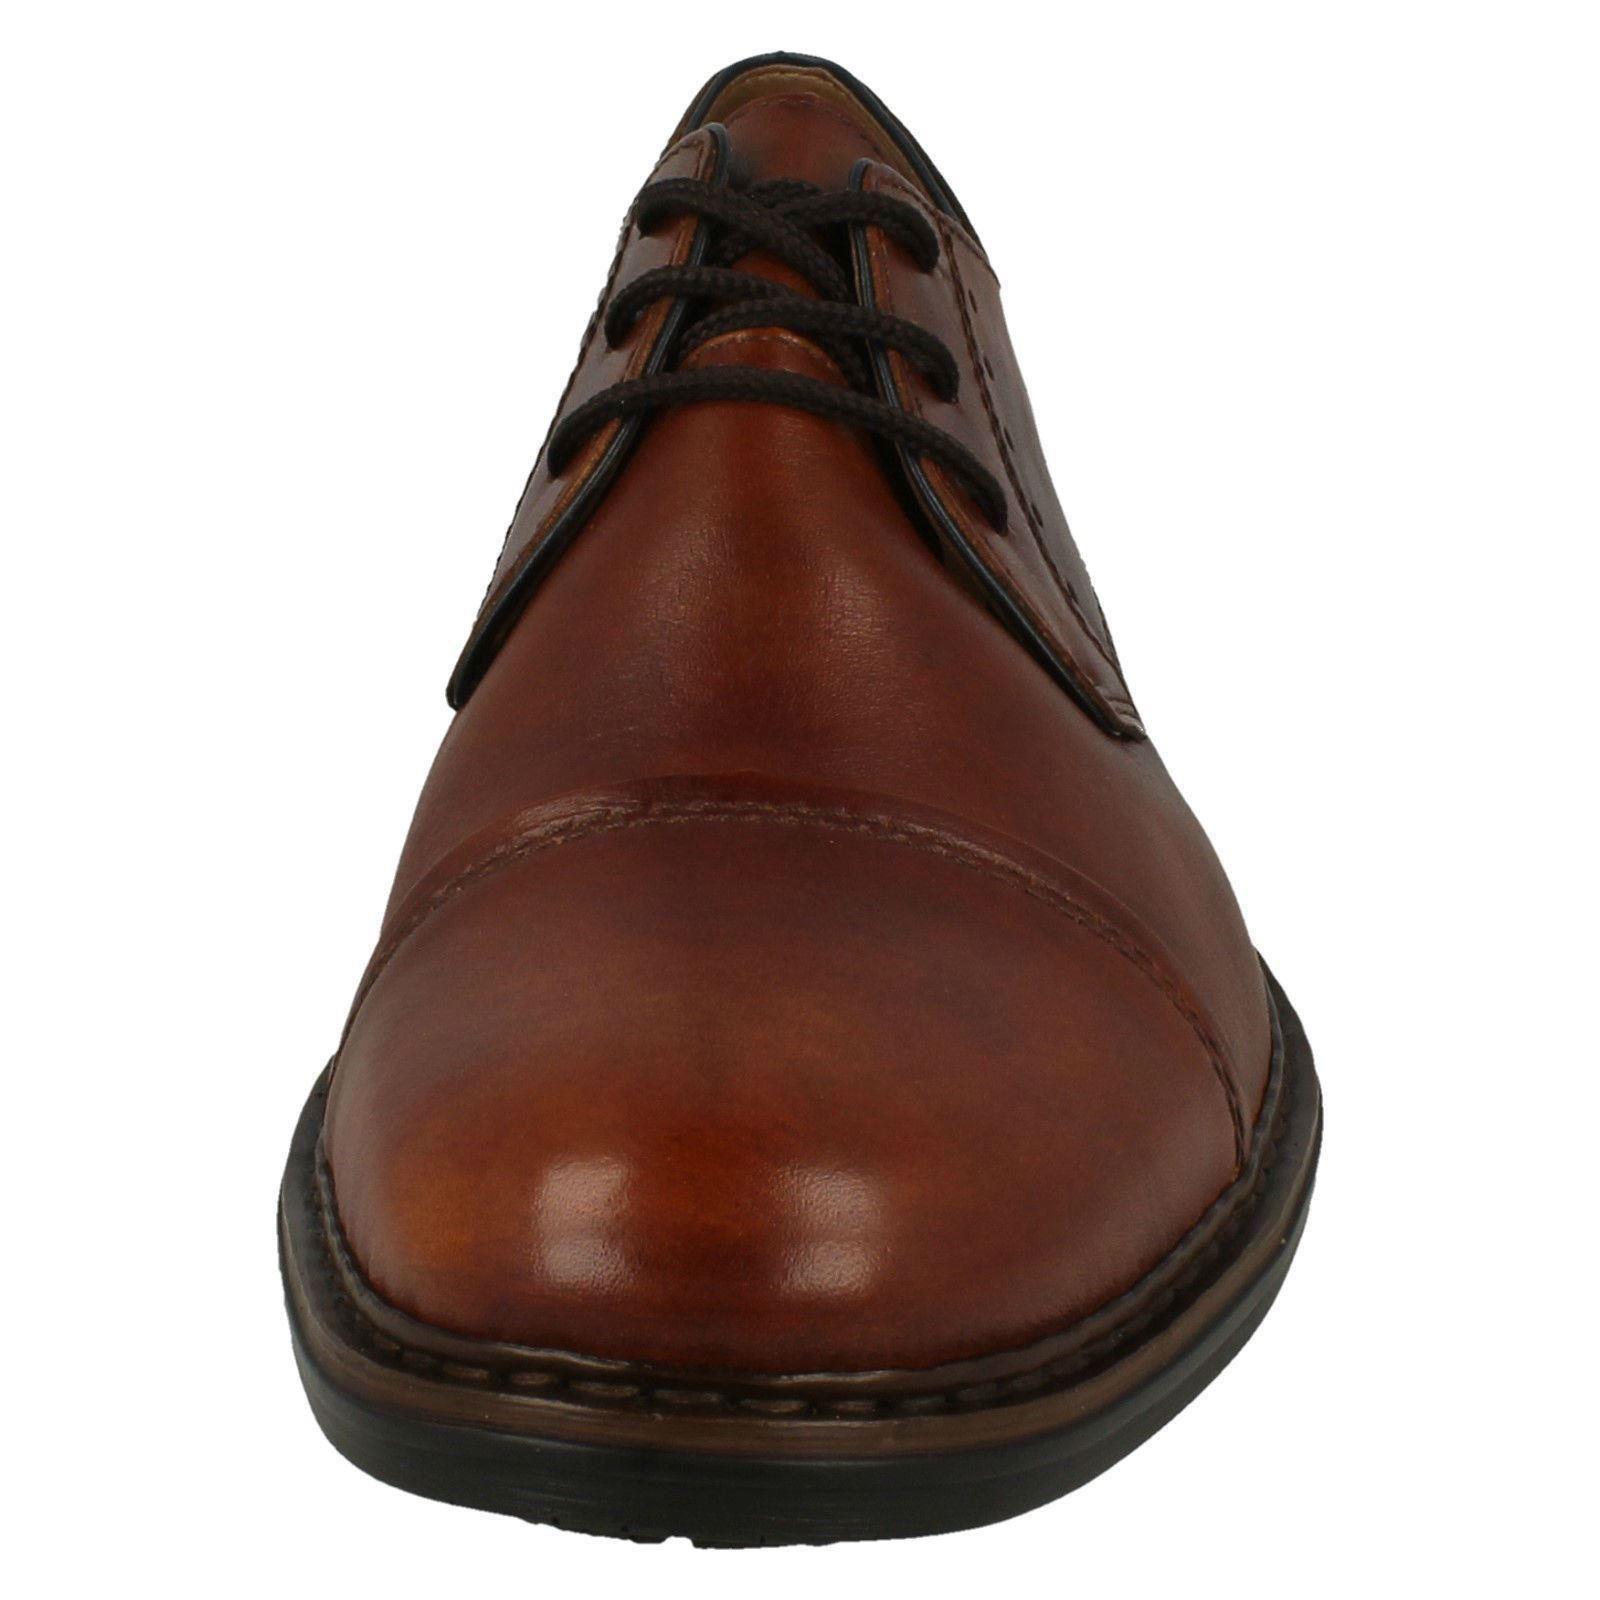 17617 Herren Rieker Smart Lace Up Schuhes 17617  915a48